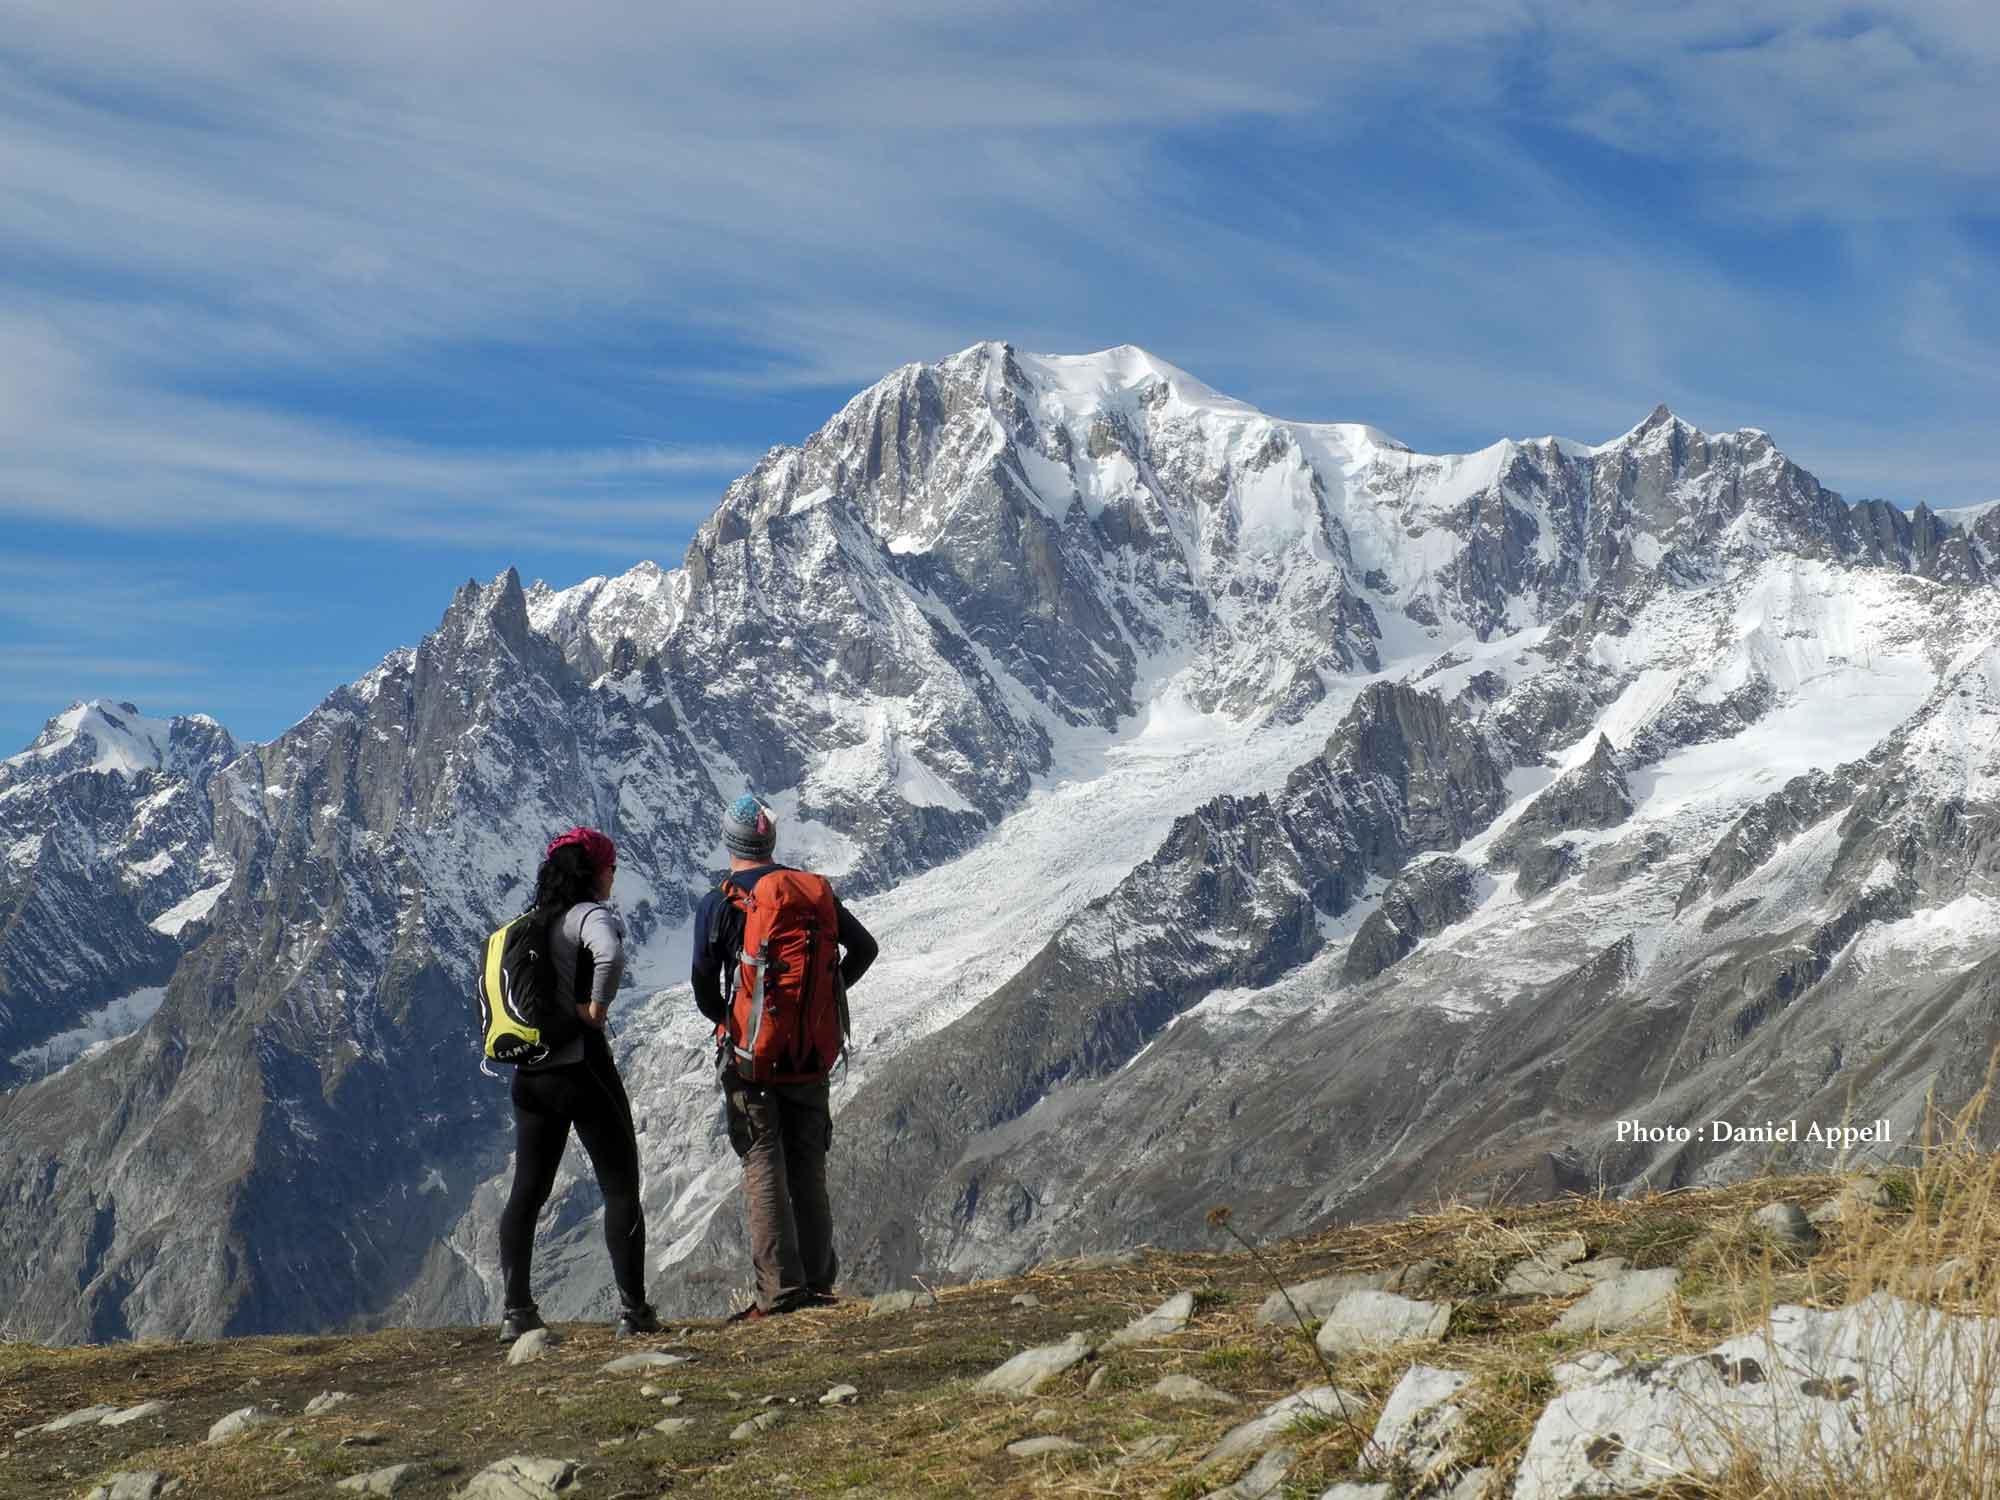 Randonnée dans le massif du mont Blanc.